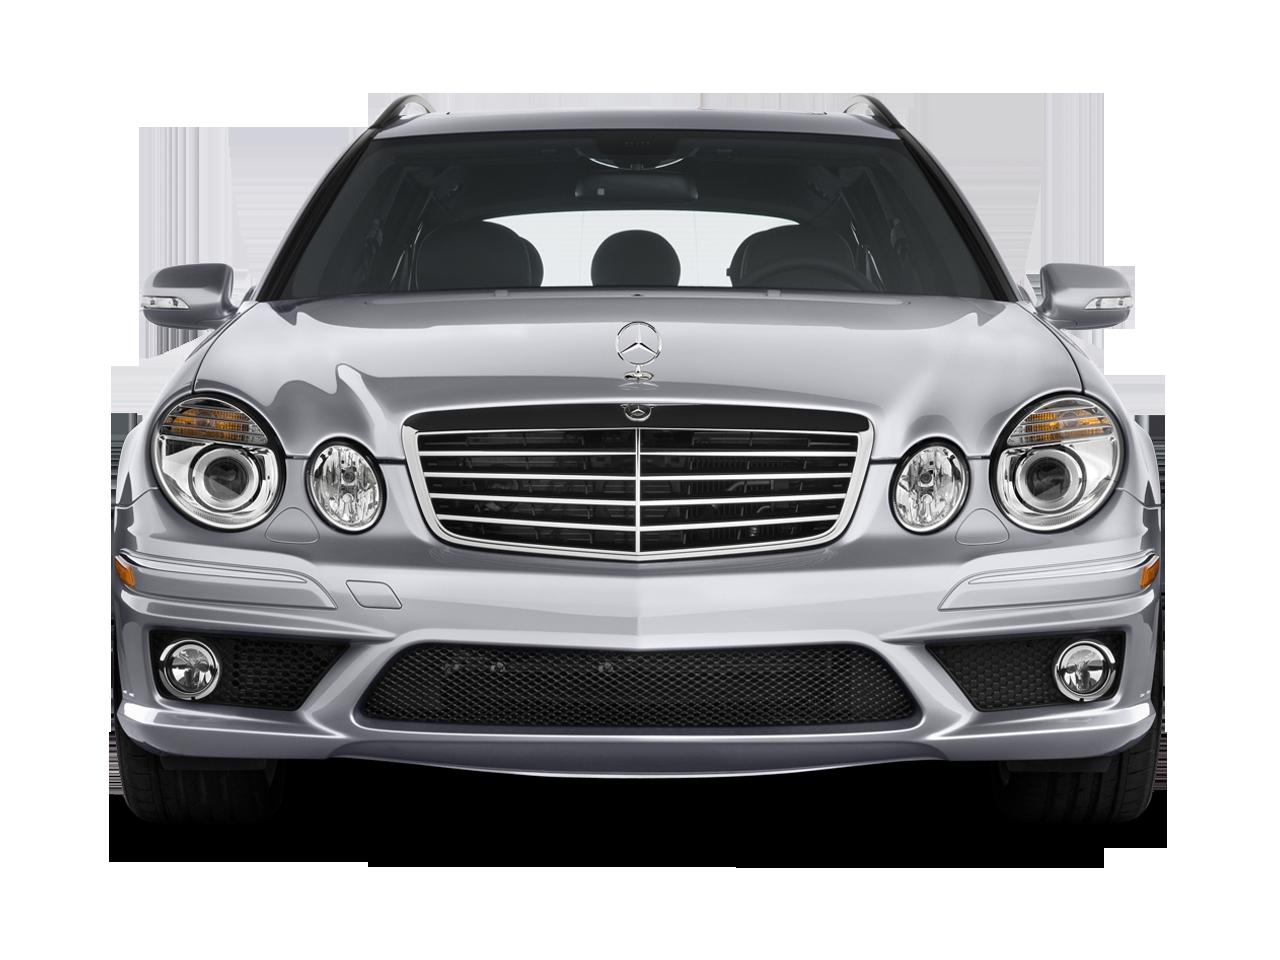 2009 Mercedes Benz E320 BlueTec - Fuel Efficient Cars ...